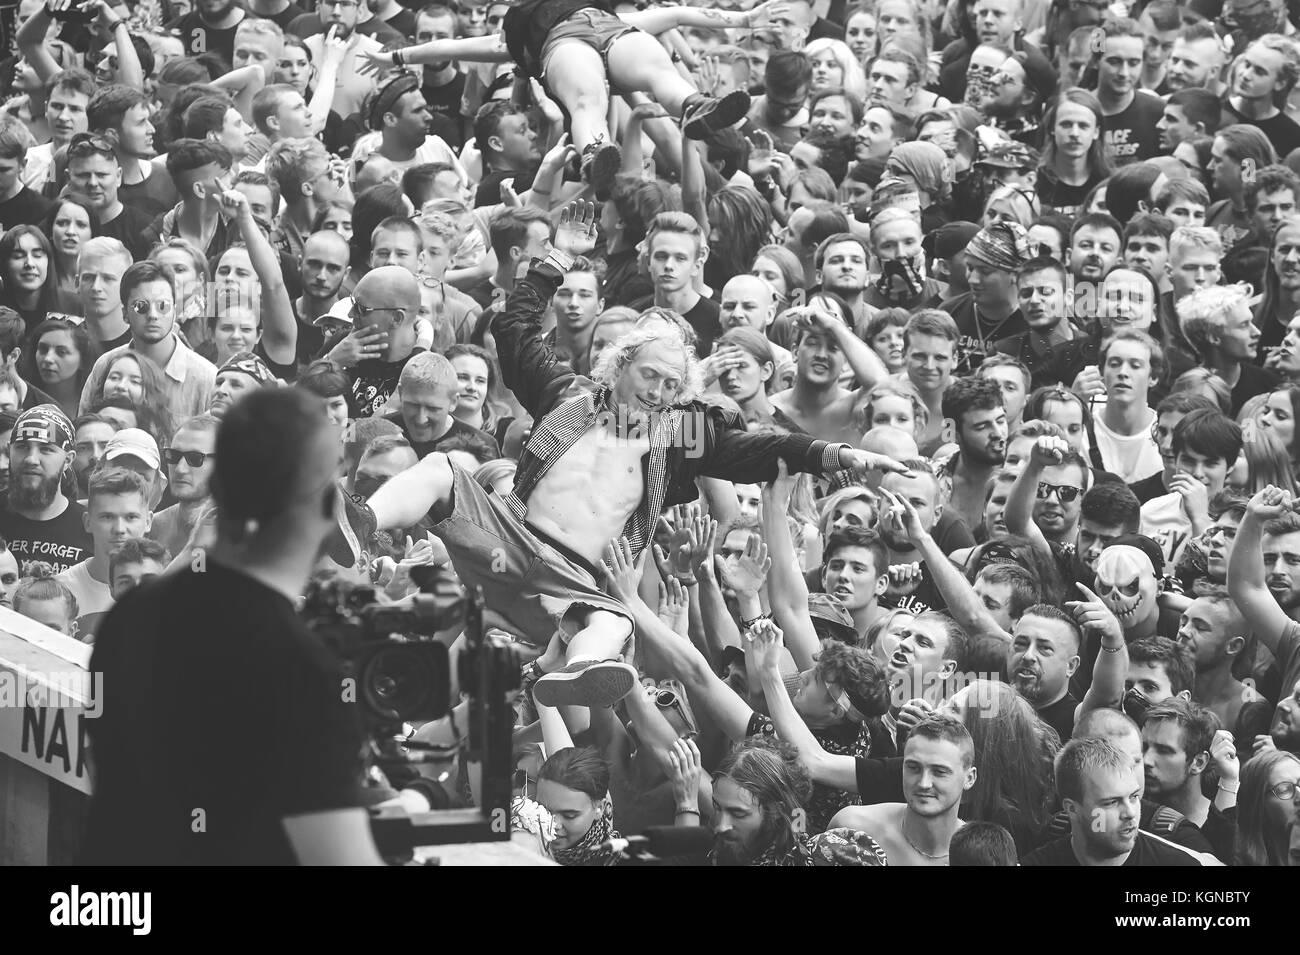 Kostrzyn, Polonia - Agosto 05, 2017: la gente divirtiéndose en un concierto durante el 23º Festival de Imagen De Stock